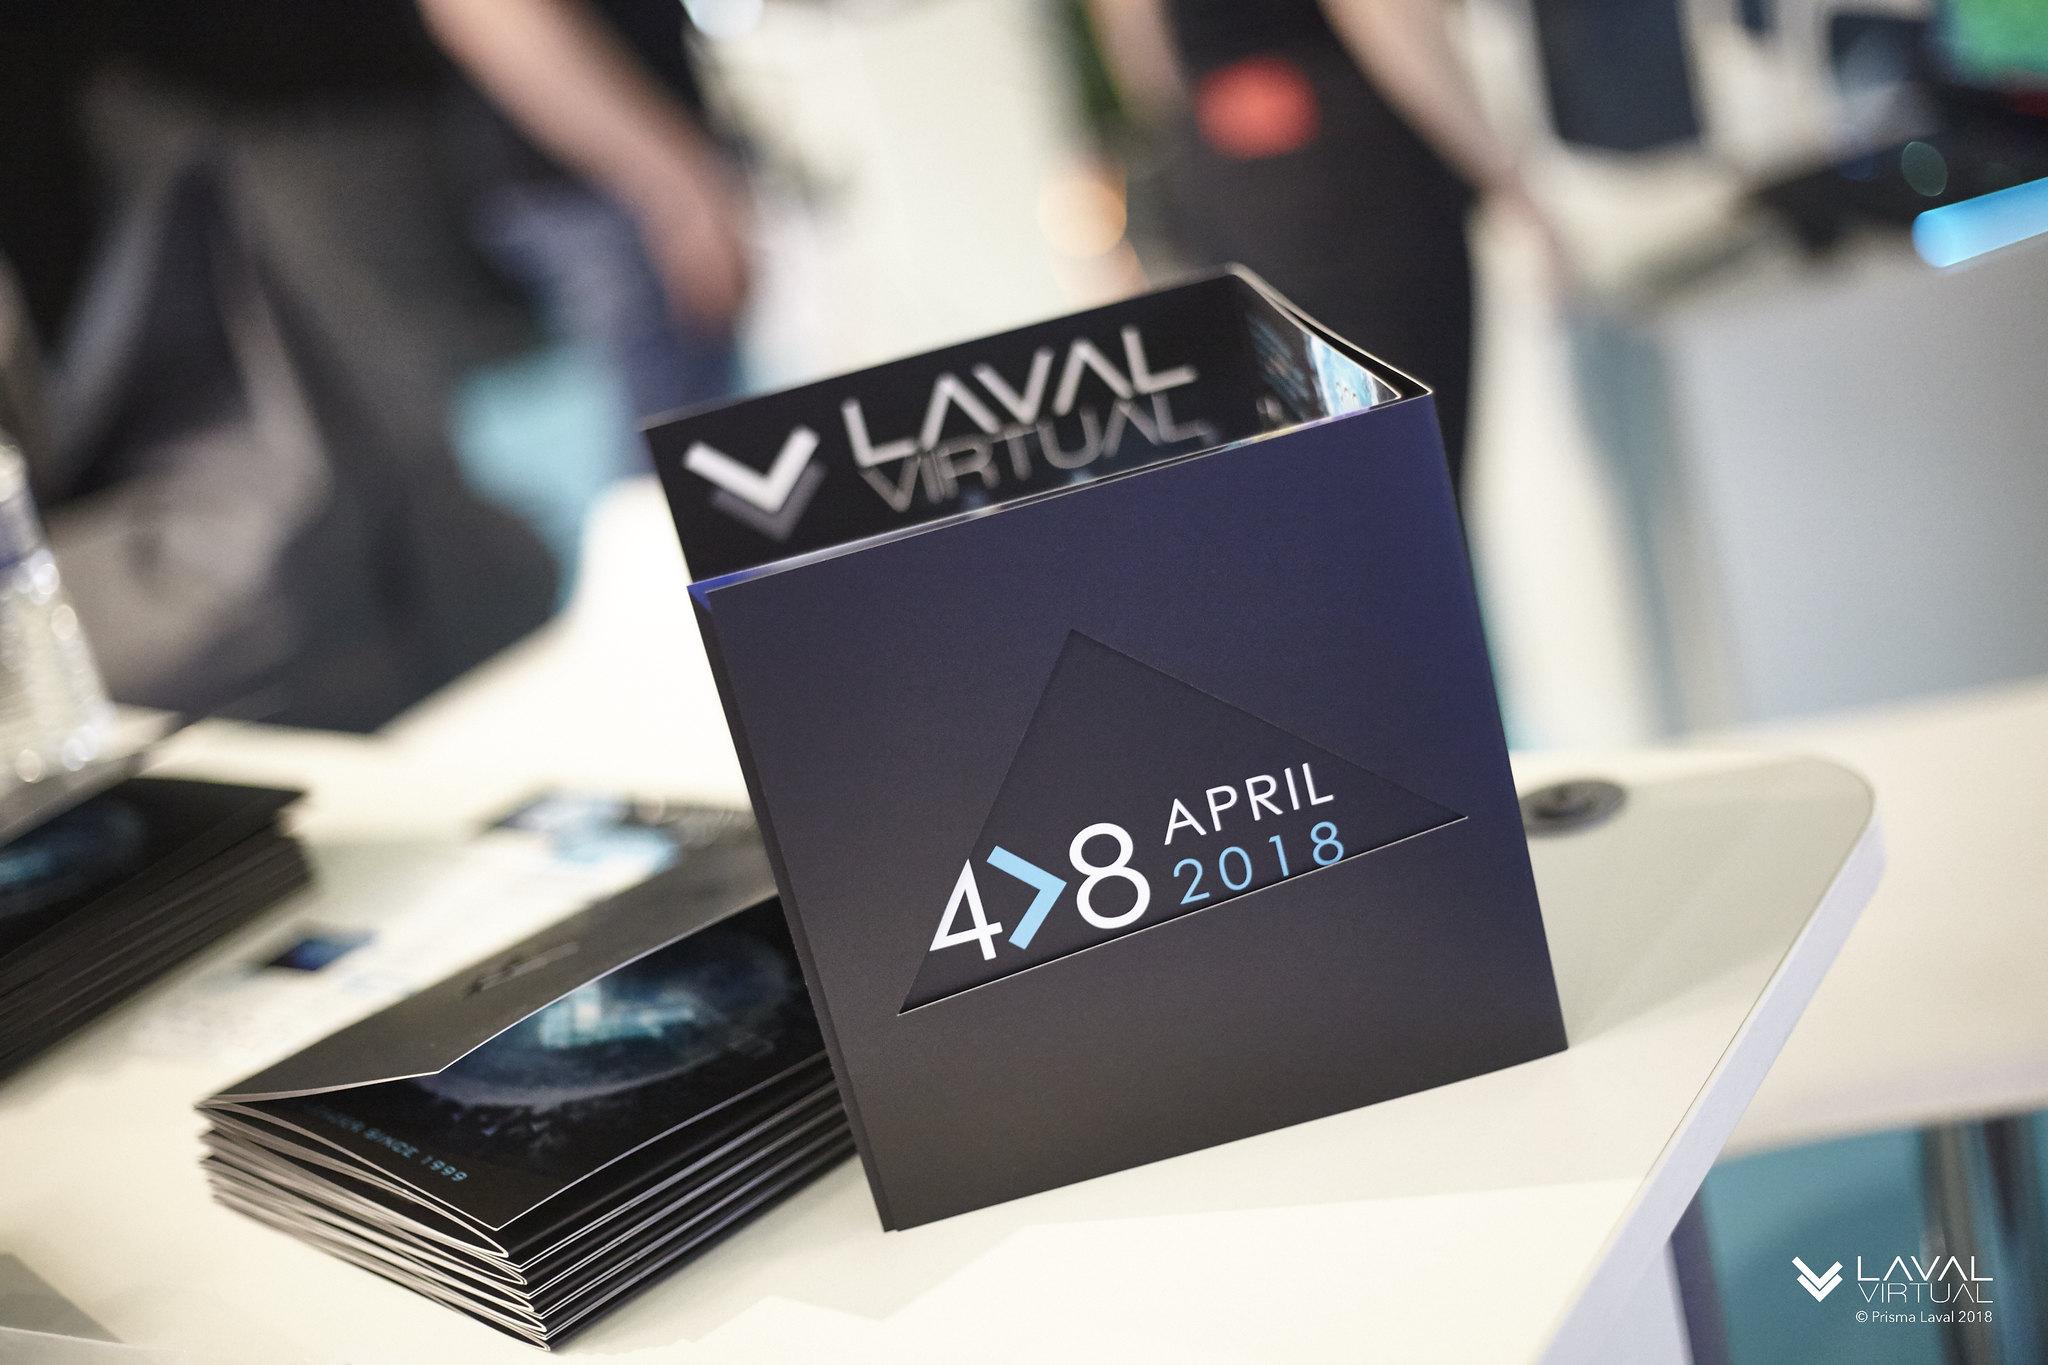 Rétrospective de l'histoire de Laval Virtual de 1999 à 2018